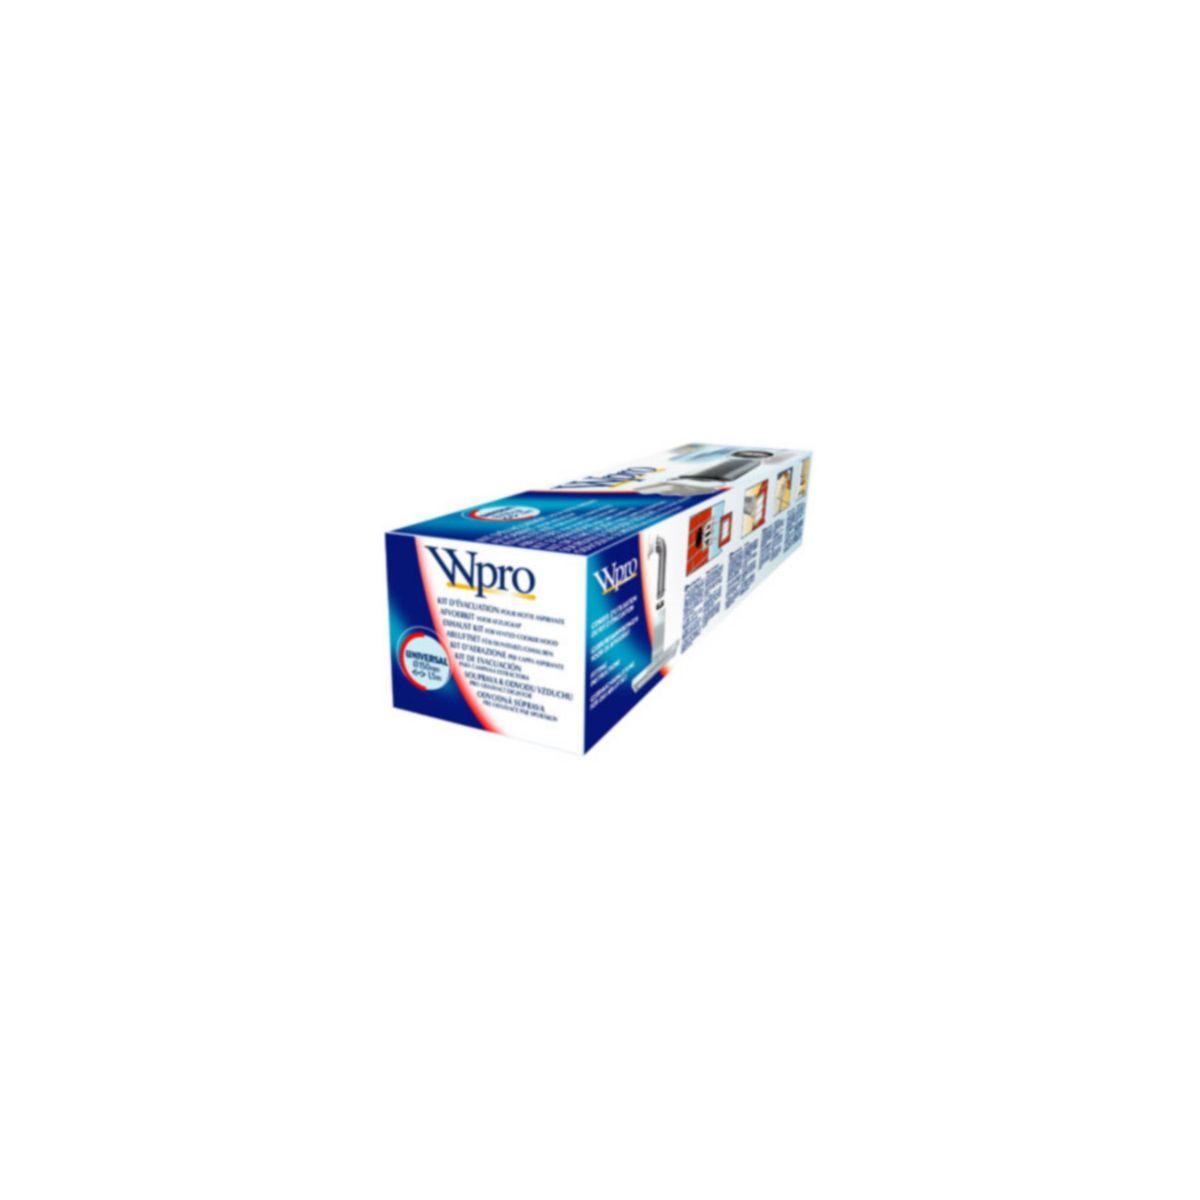 Kit WPRO UVK150